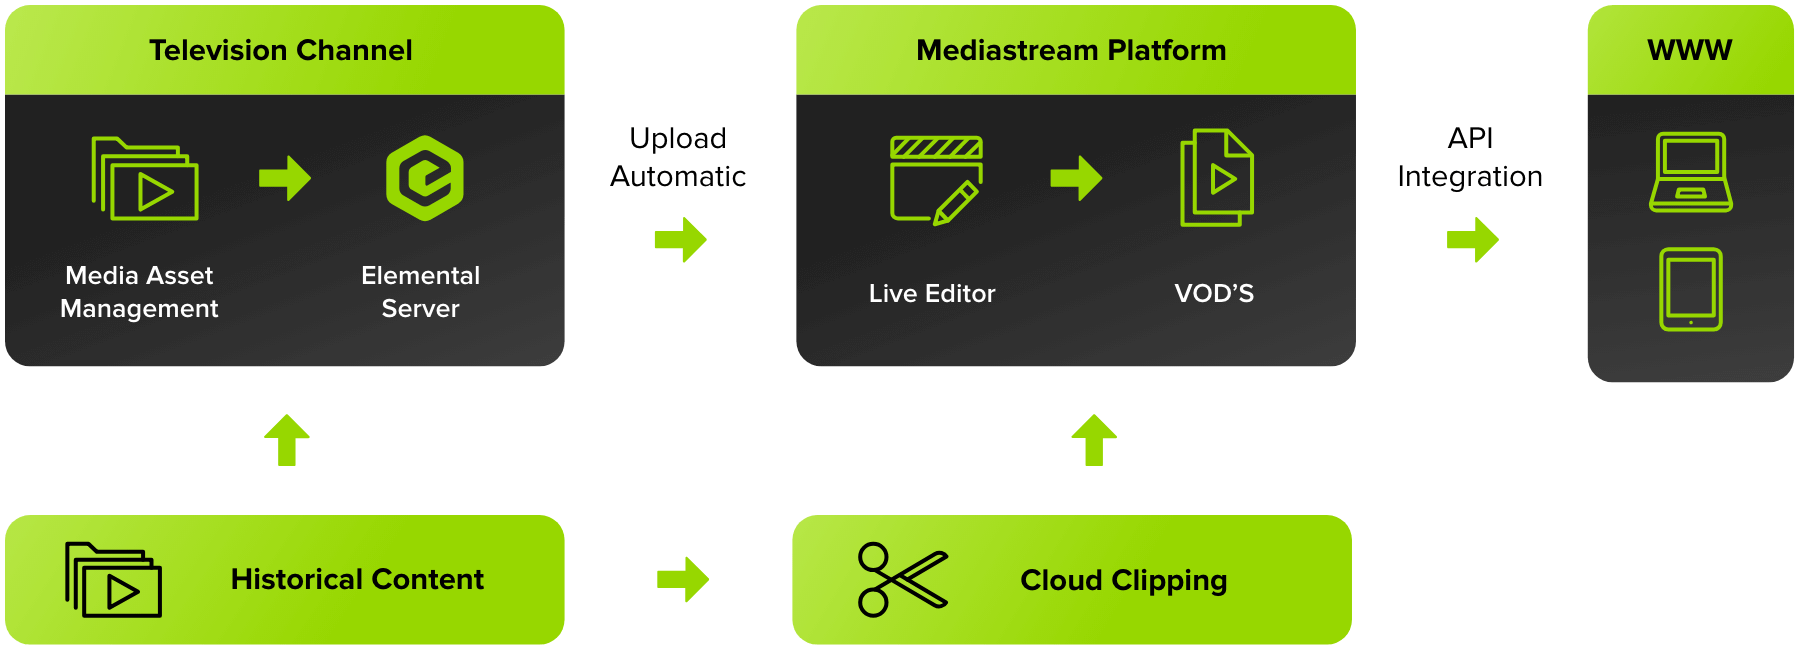 Platform optimiza el flujo de video de canales y medios